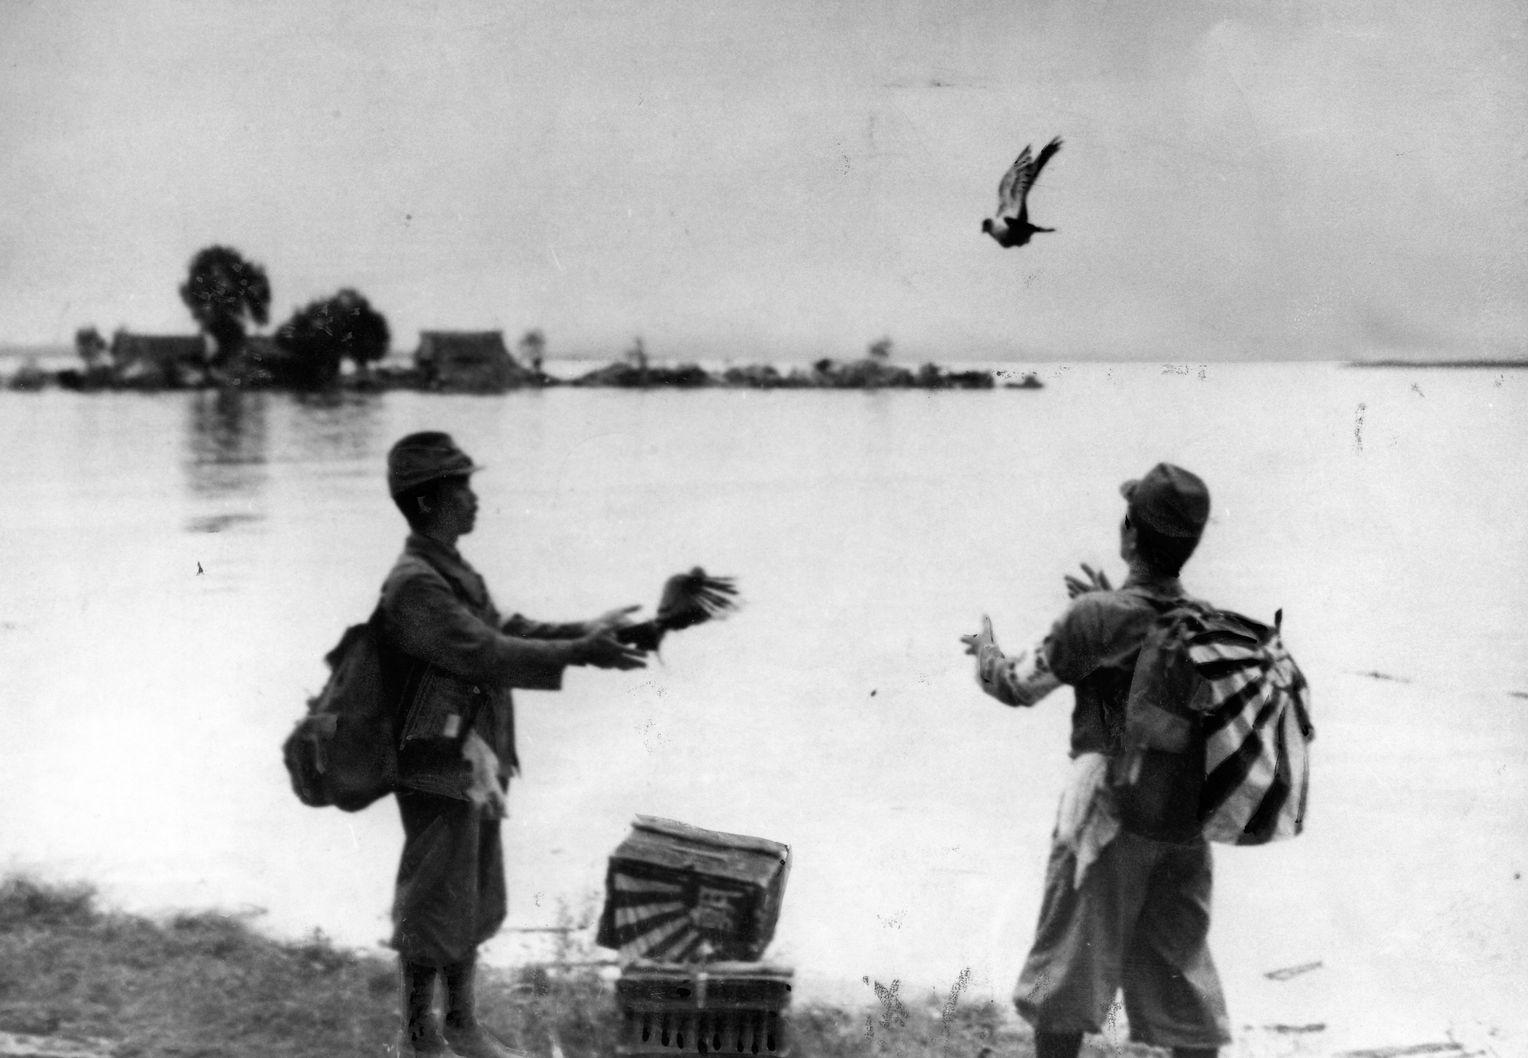 Zweiter Weltkrieg: Brieftauben als Geheimkuriere der Briten - DER SPIEGEL